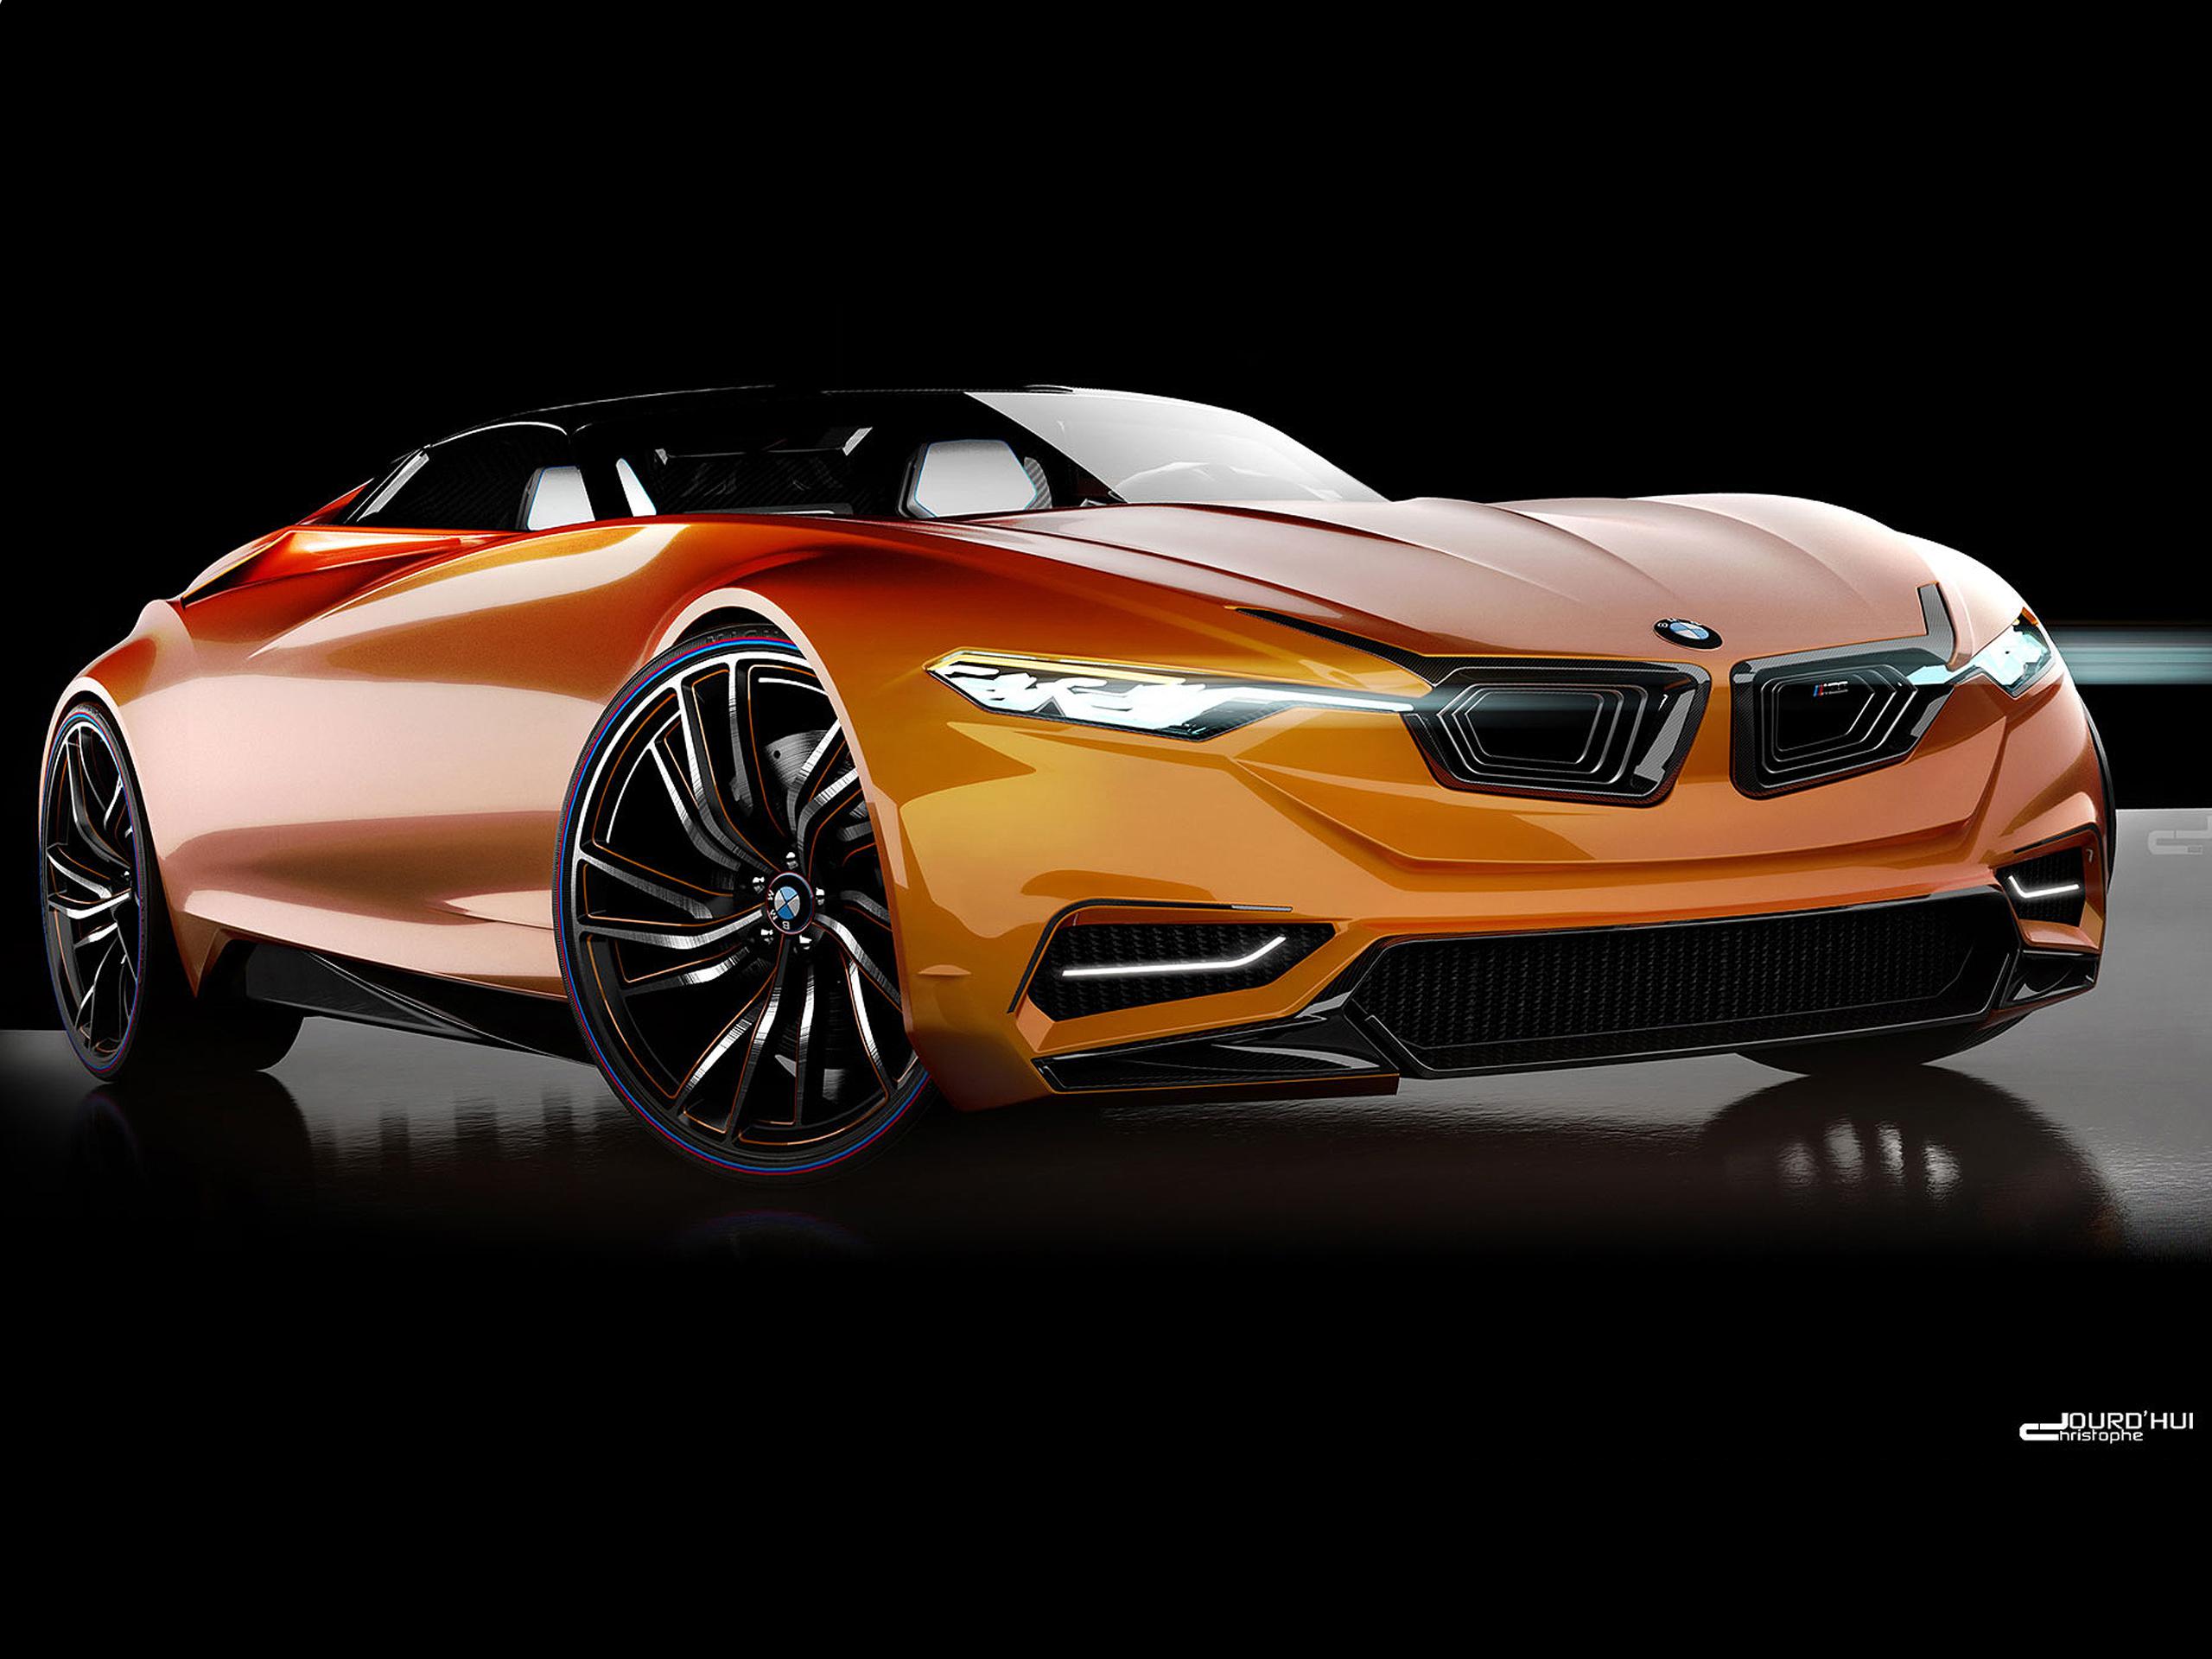 BMW MZ8: Design-Entwurf aus Frankreich zeigt Supersportler |